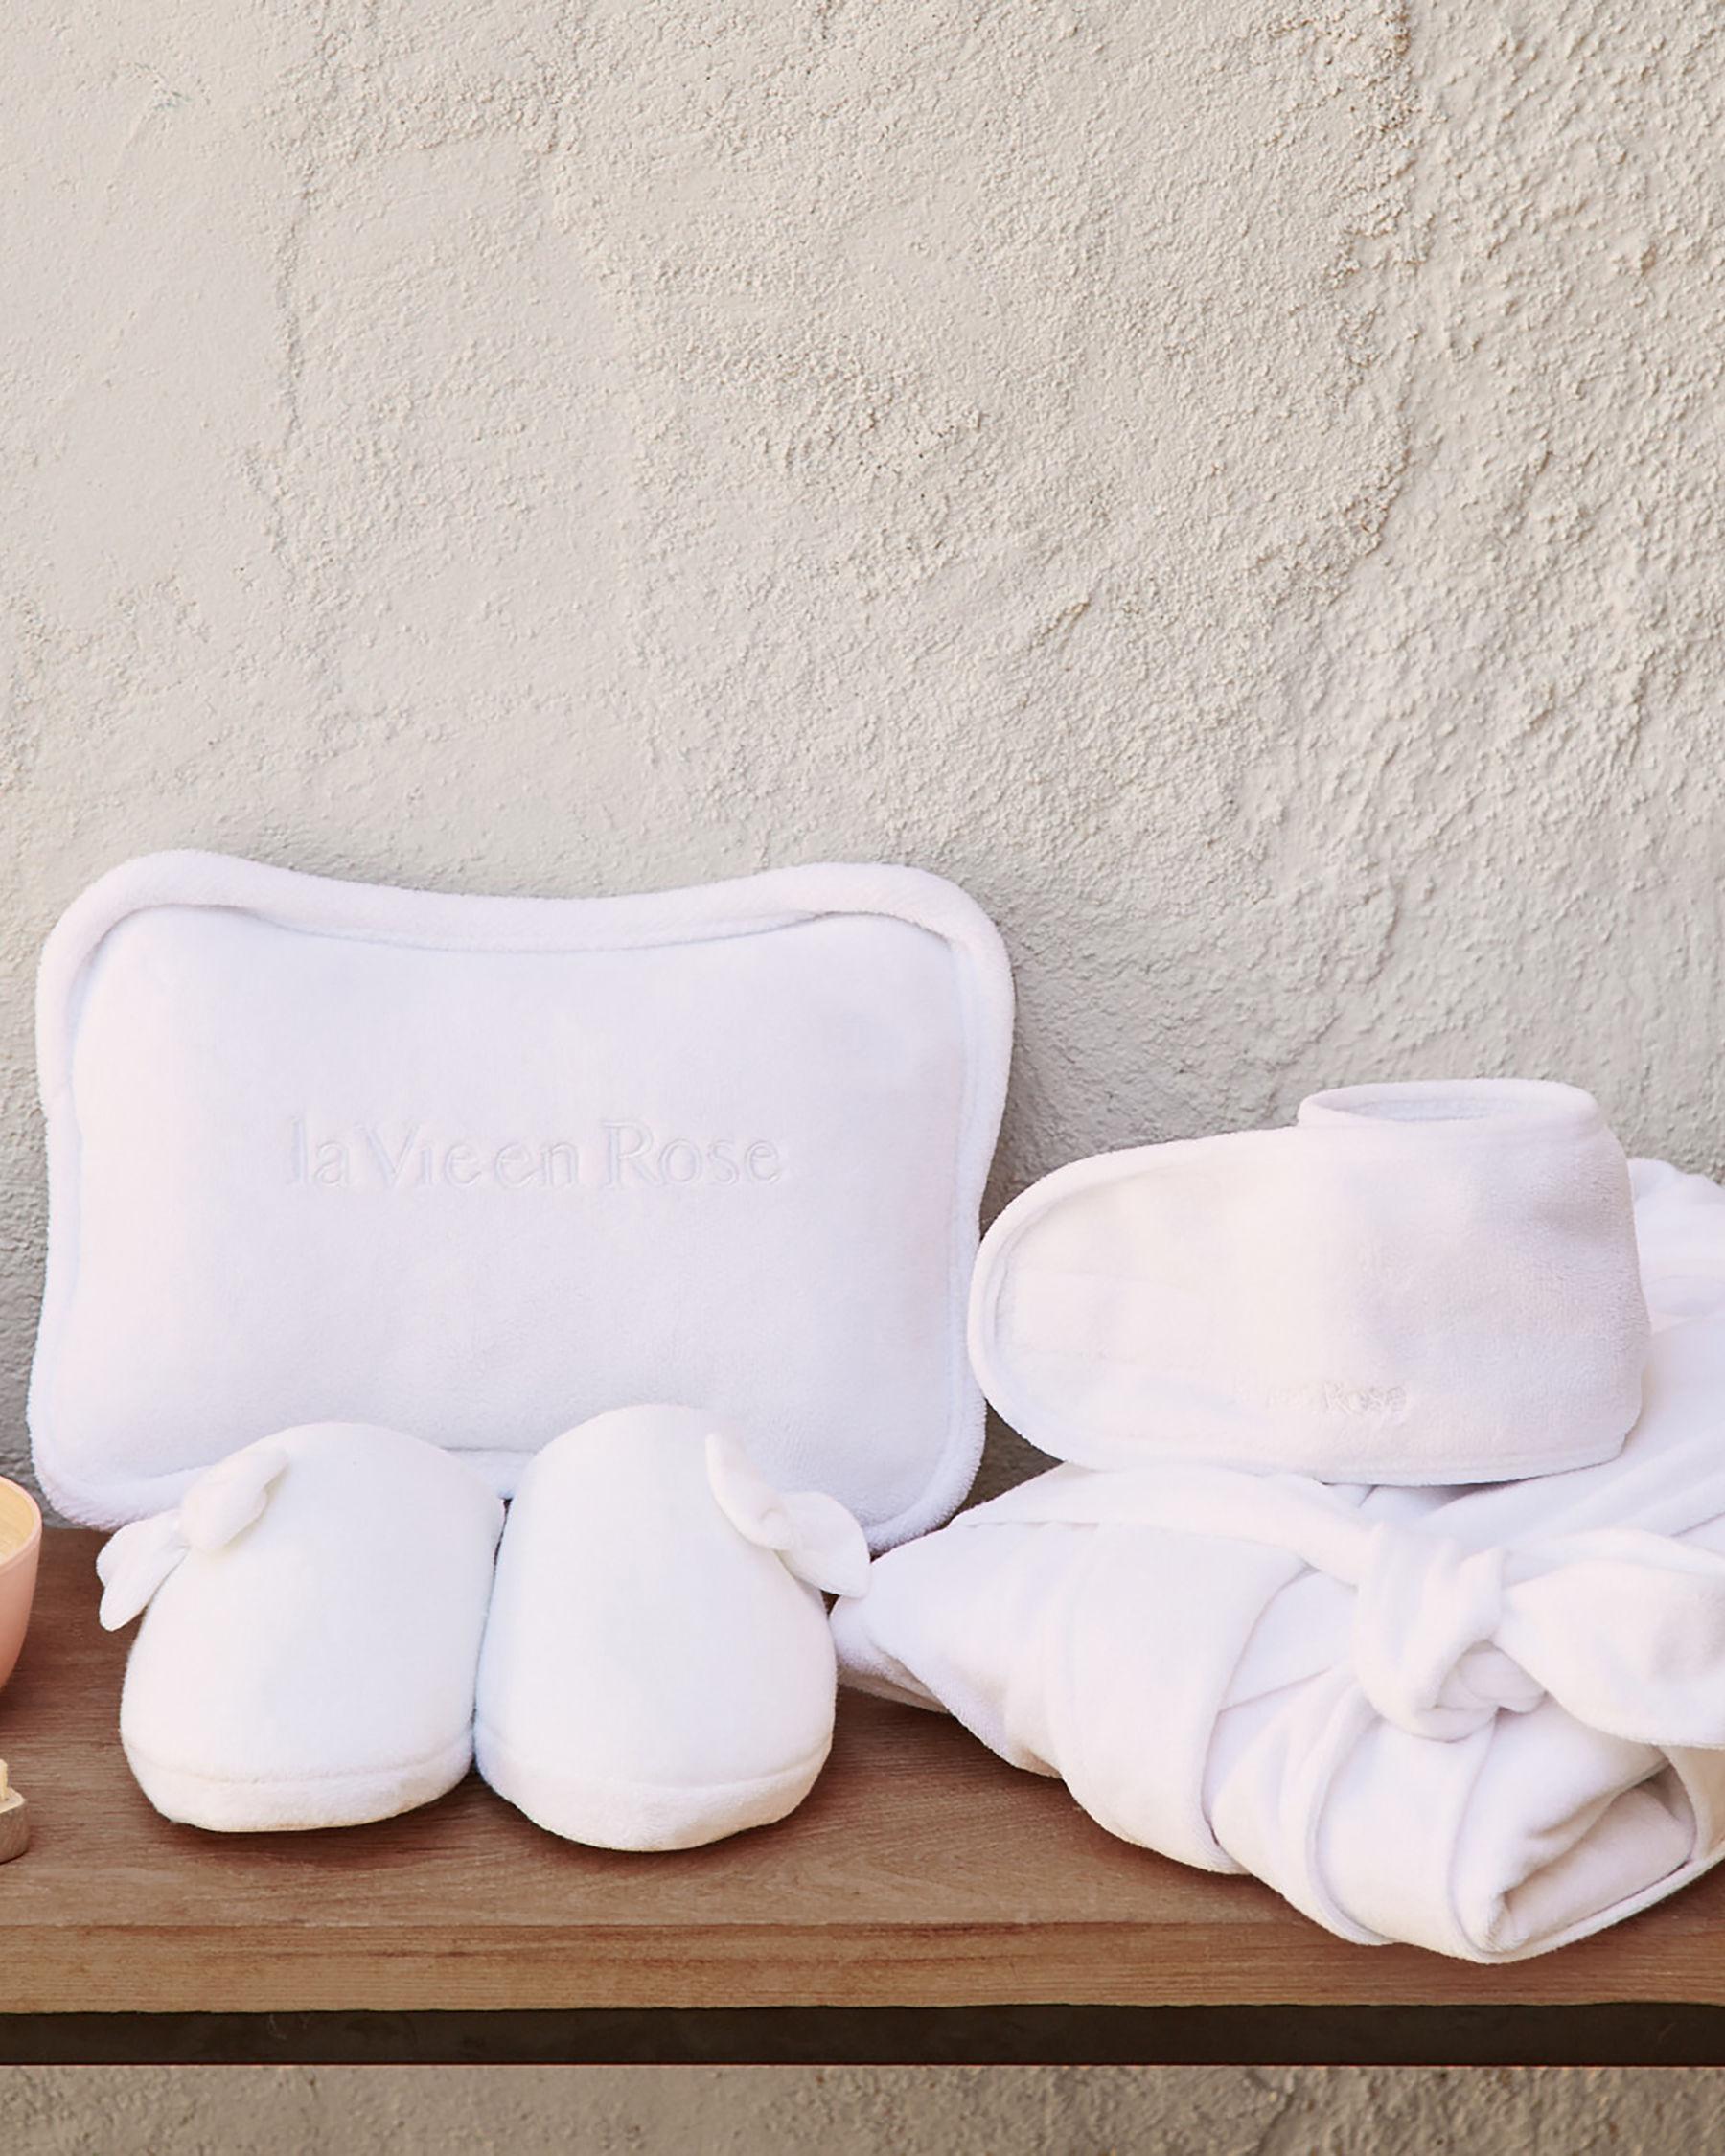 LA VIE EN ROSE Spa Bath Pillow White 992-527-0-06 - View1